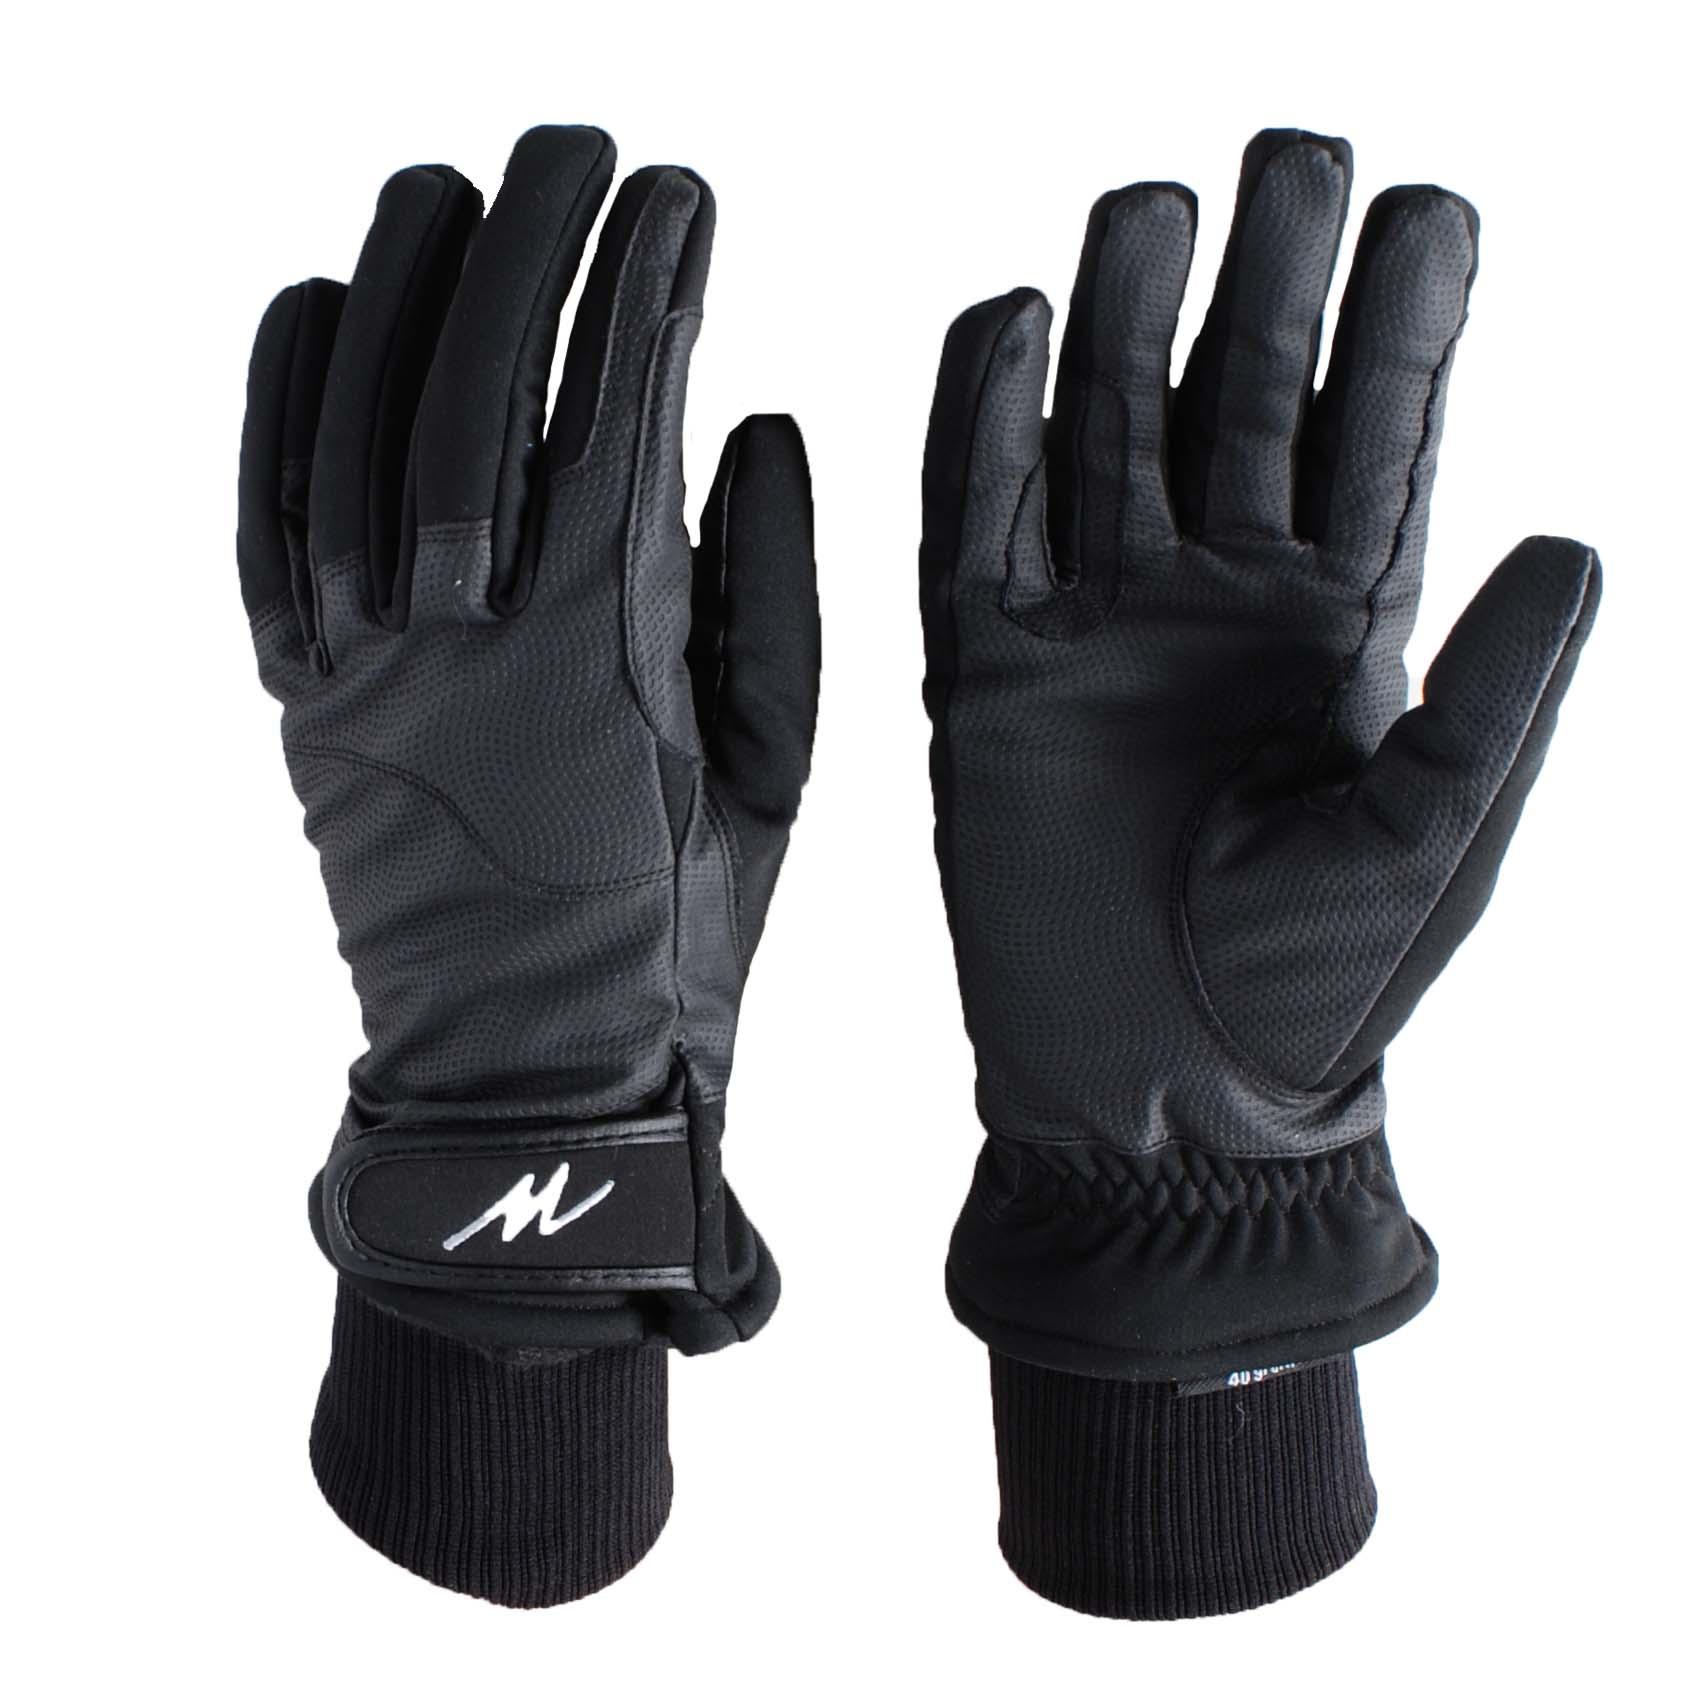 Mondoni Bogota winter handschoenen zwart maat:m